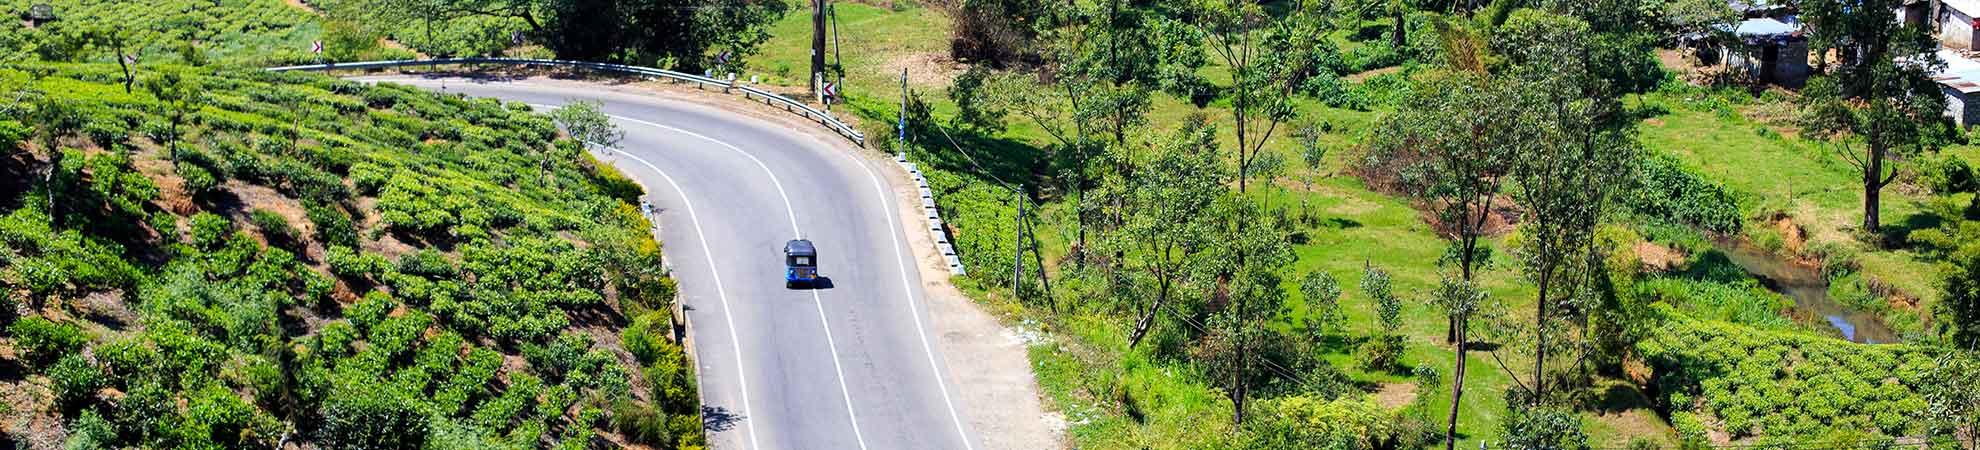 Aller au Sri Lanka en voiture